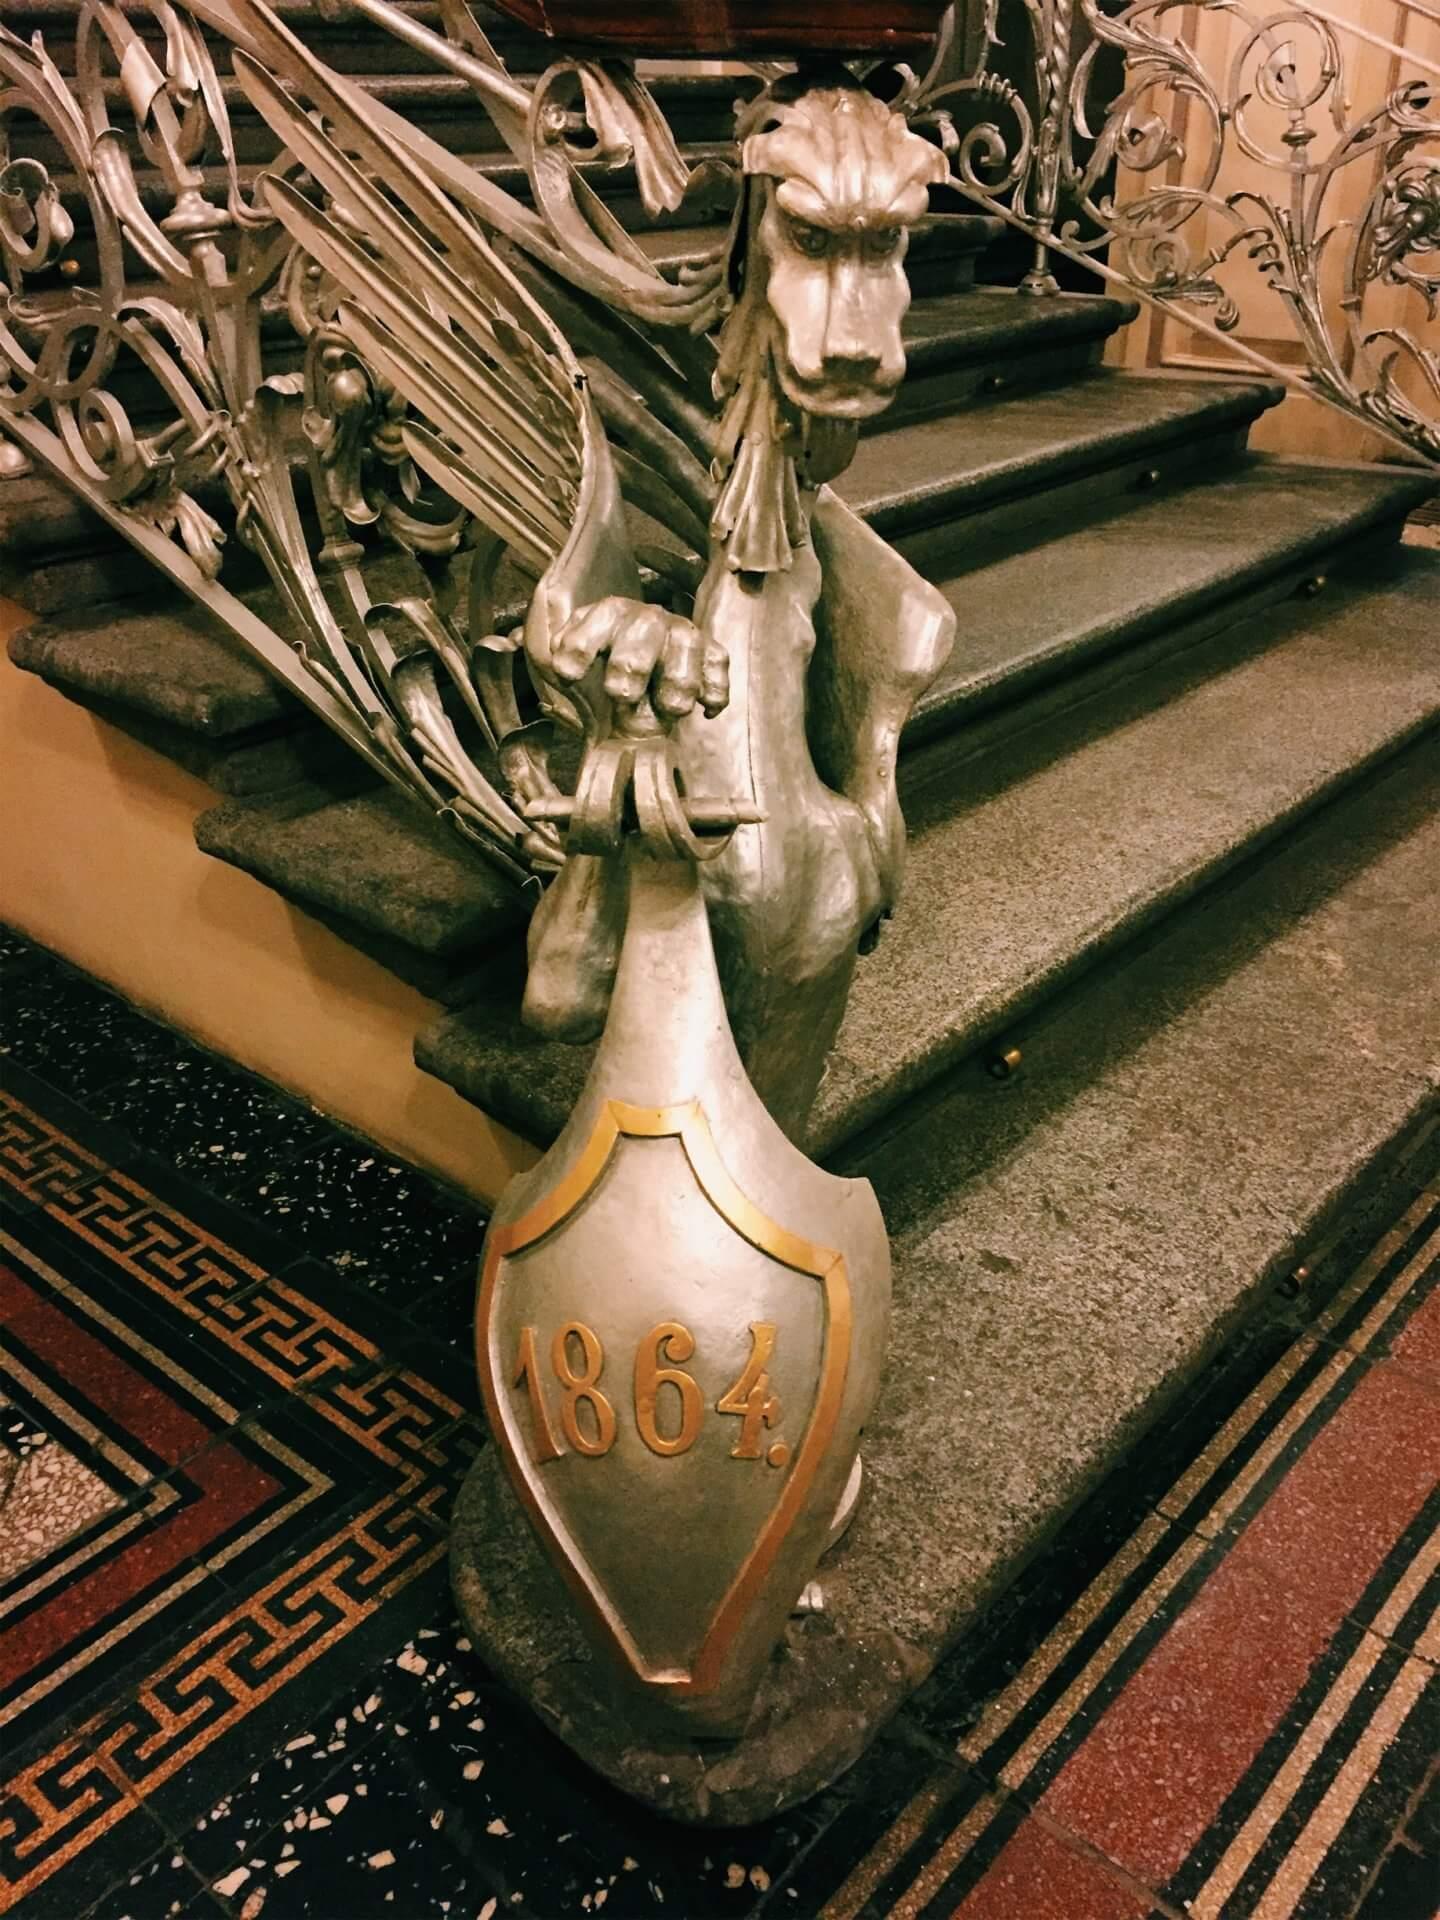 Дракон на лестнице держит щит с датой начала функционирования общества